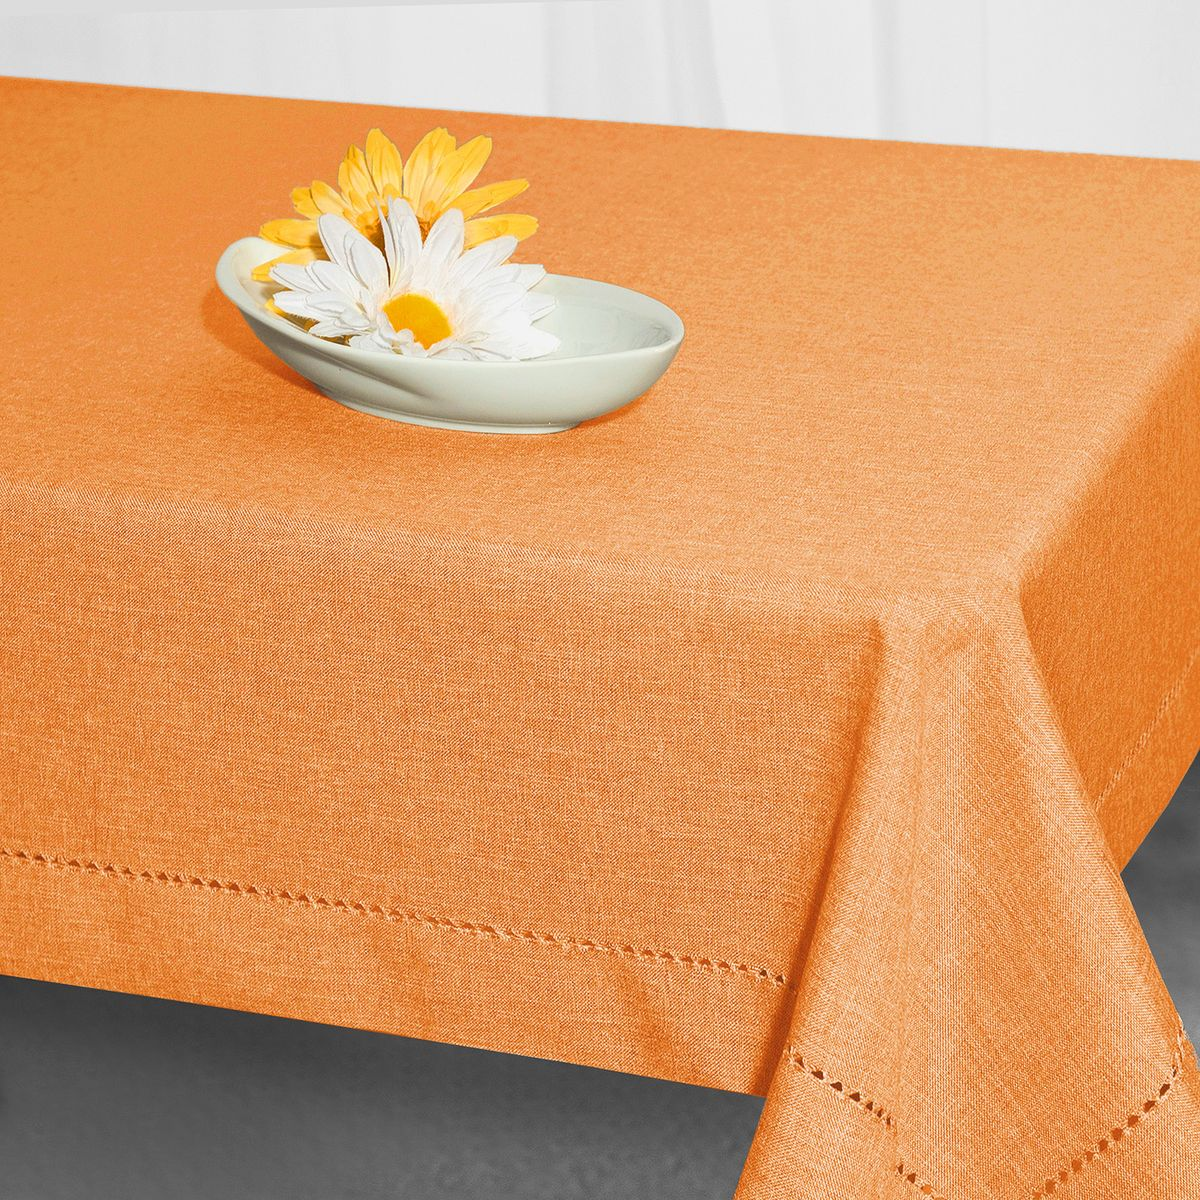 Скатерть Schaefer, прямоугольная, цвет: оранжевый, 135 x 225 см. 07599-449VT-1520(SR)Стильная скатерть Schaefer выполнена из полиэстера.Изделия из полиэстера легко стирать: они не мнутся, не садятся и быстро сохнут, они более долговечны, чем изделия из натуральных волокон.Немецкая компания Schaefer создана в 1921 году. На протяжении всего времени существования она создает уникальные коллекции домашнего текстиля для гостиных, спален, кухонь и ванных комнат. Дизайнерские идеи немецких художников компании Schaefer воплощаются в текстильных изделиях, которые сделают ваш дом красивее и уютнее и не останутся незамеченными вашими гостями. Дарите себе и близким красоту каждый день!